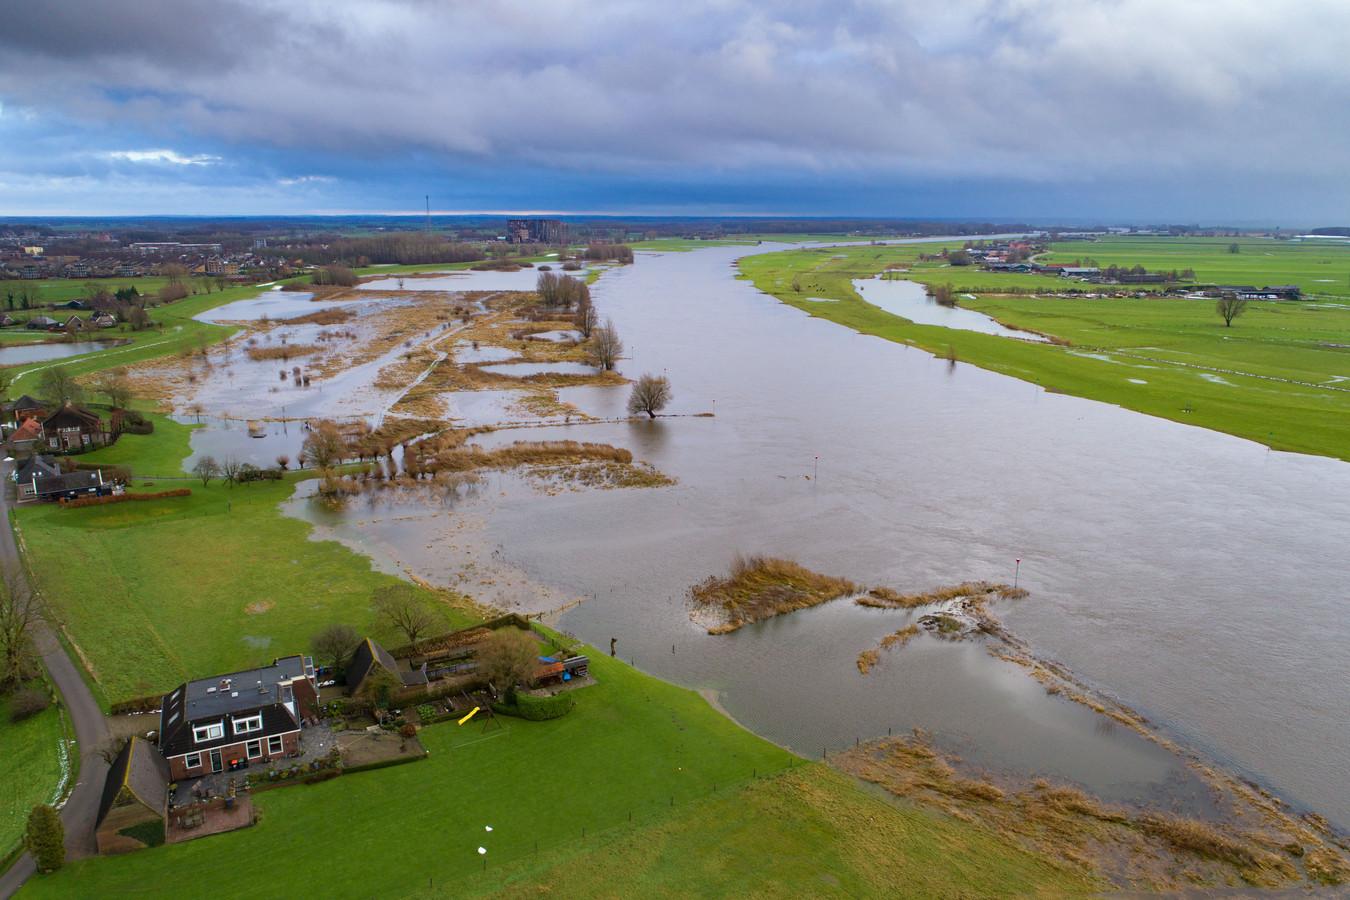 Een deel van de IJssel waar aan de Zwolse zijde wellicht energieopwekking door middel van waterkracht mogelijk is.